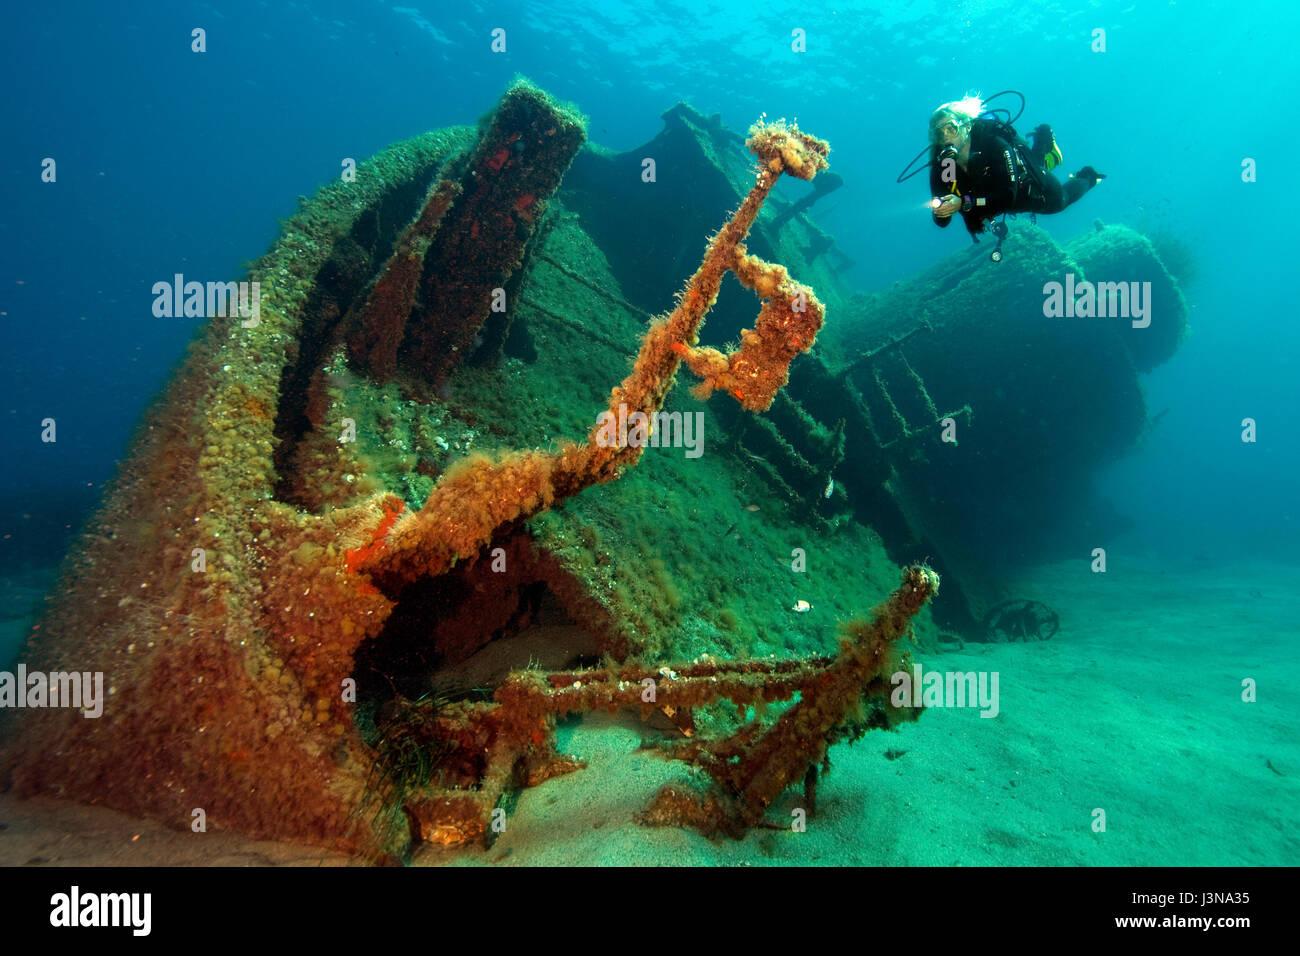 Plongée sous marine à l'épave, MV Elviscot, construit en 1960, coulé en 1972, s'est Photo Stock